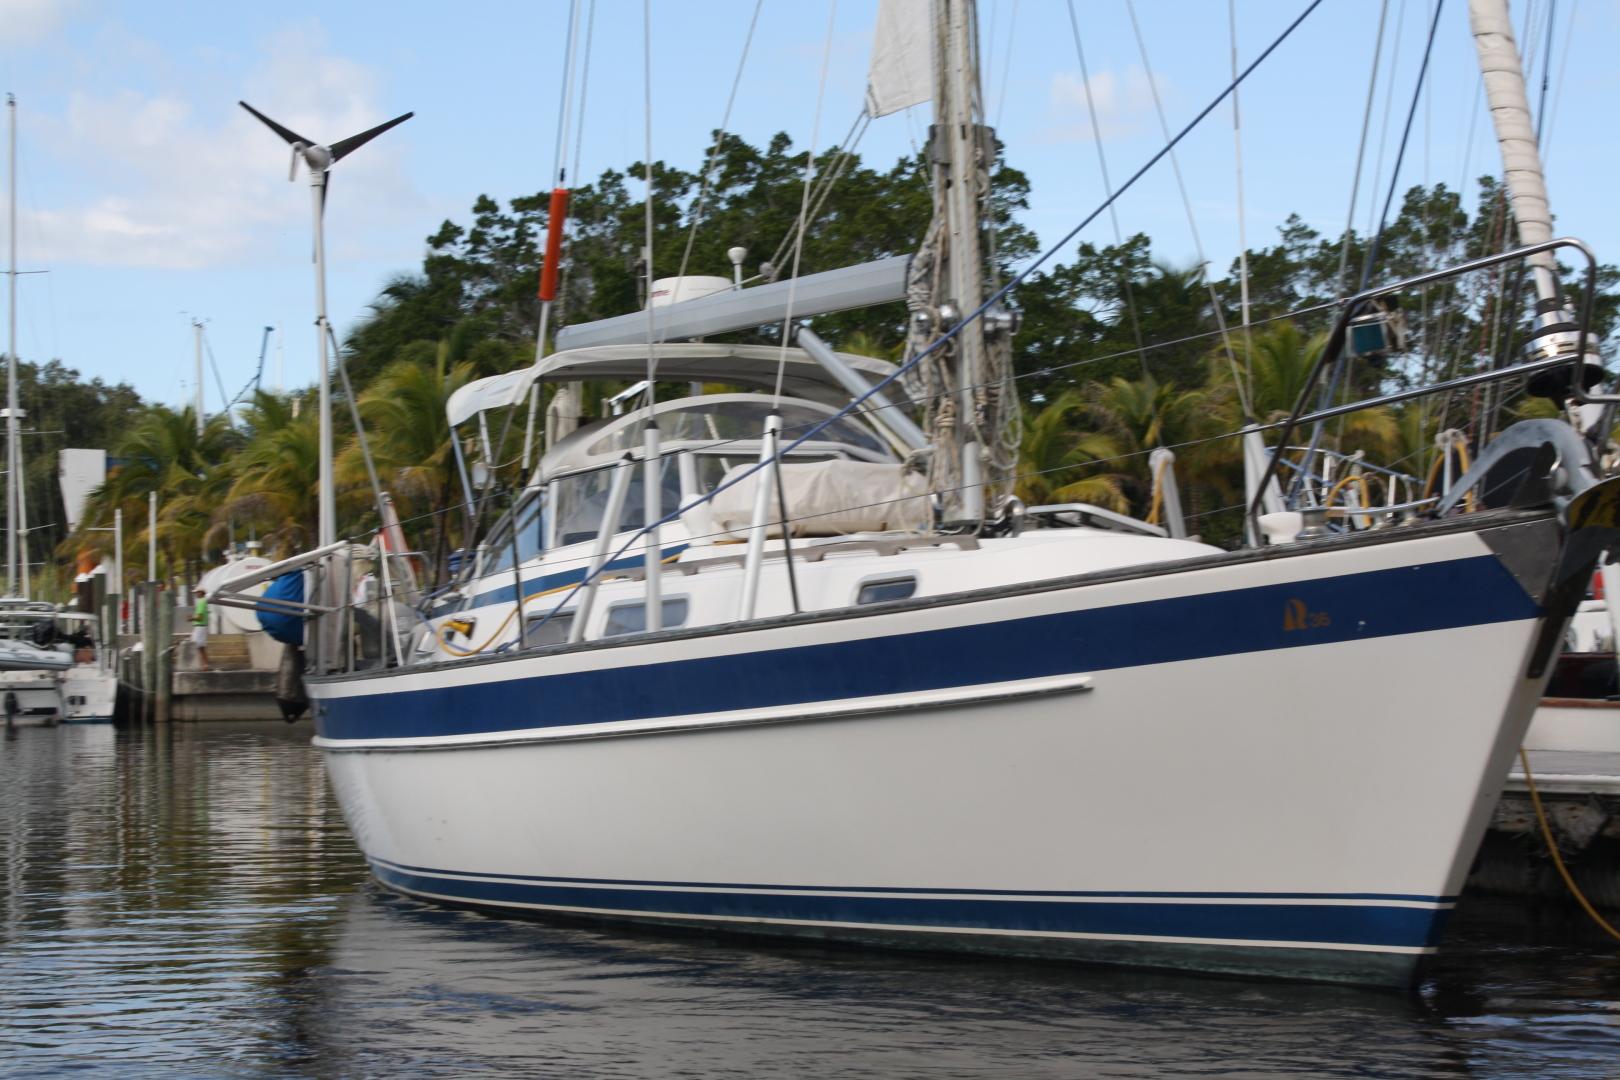 Hallberg-Rassy-36 MKII 2002-Vivace 1 Stuart-Florida-United States-1312753   Thumbnail